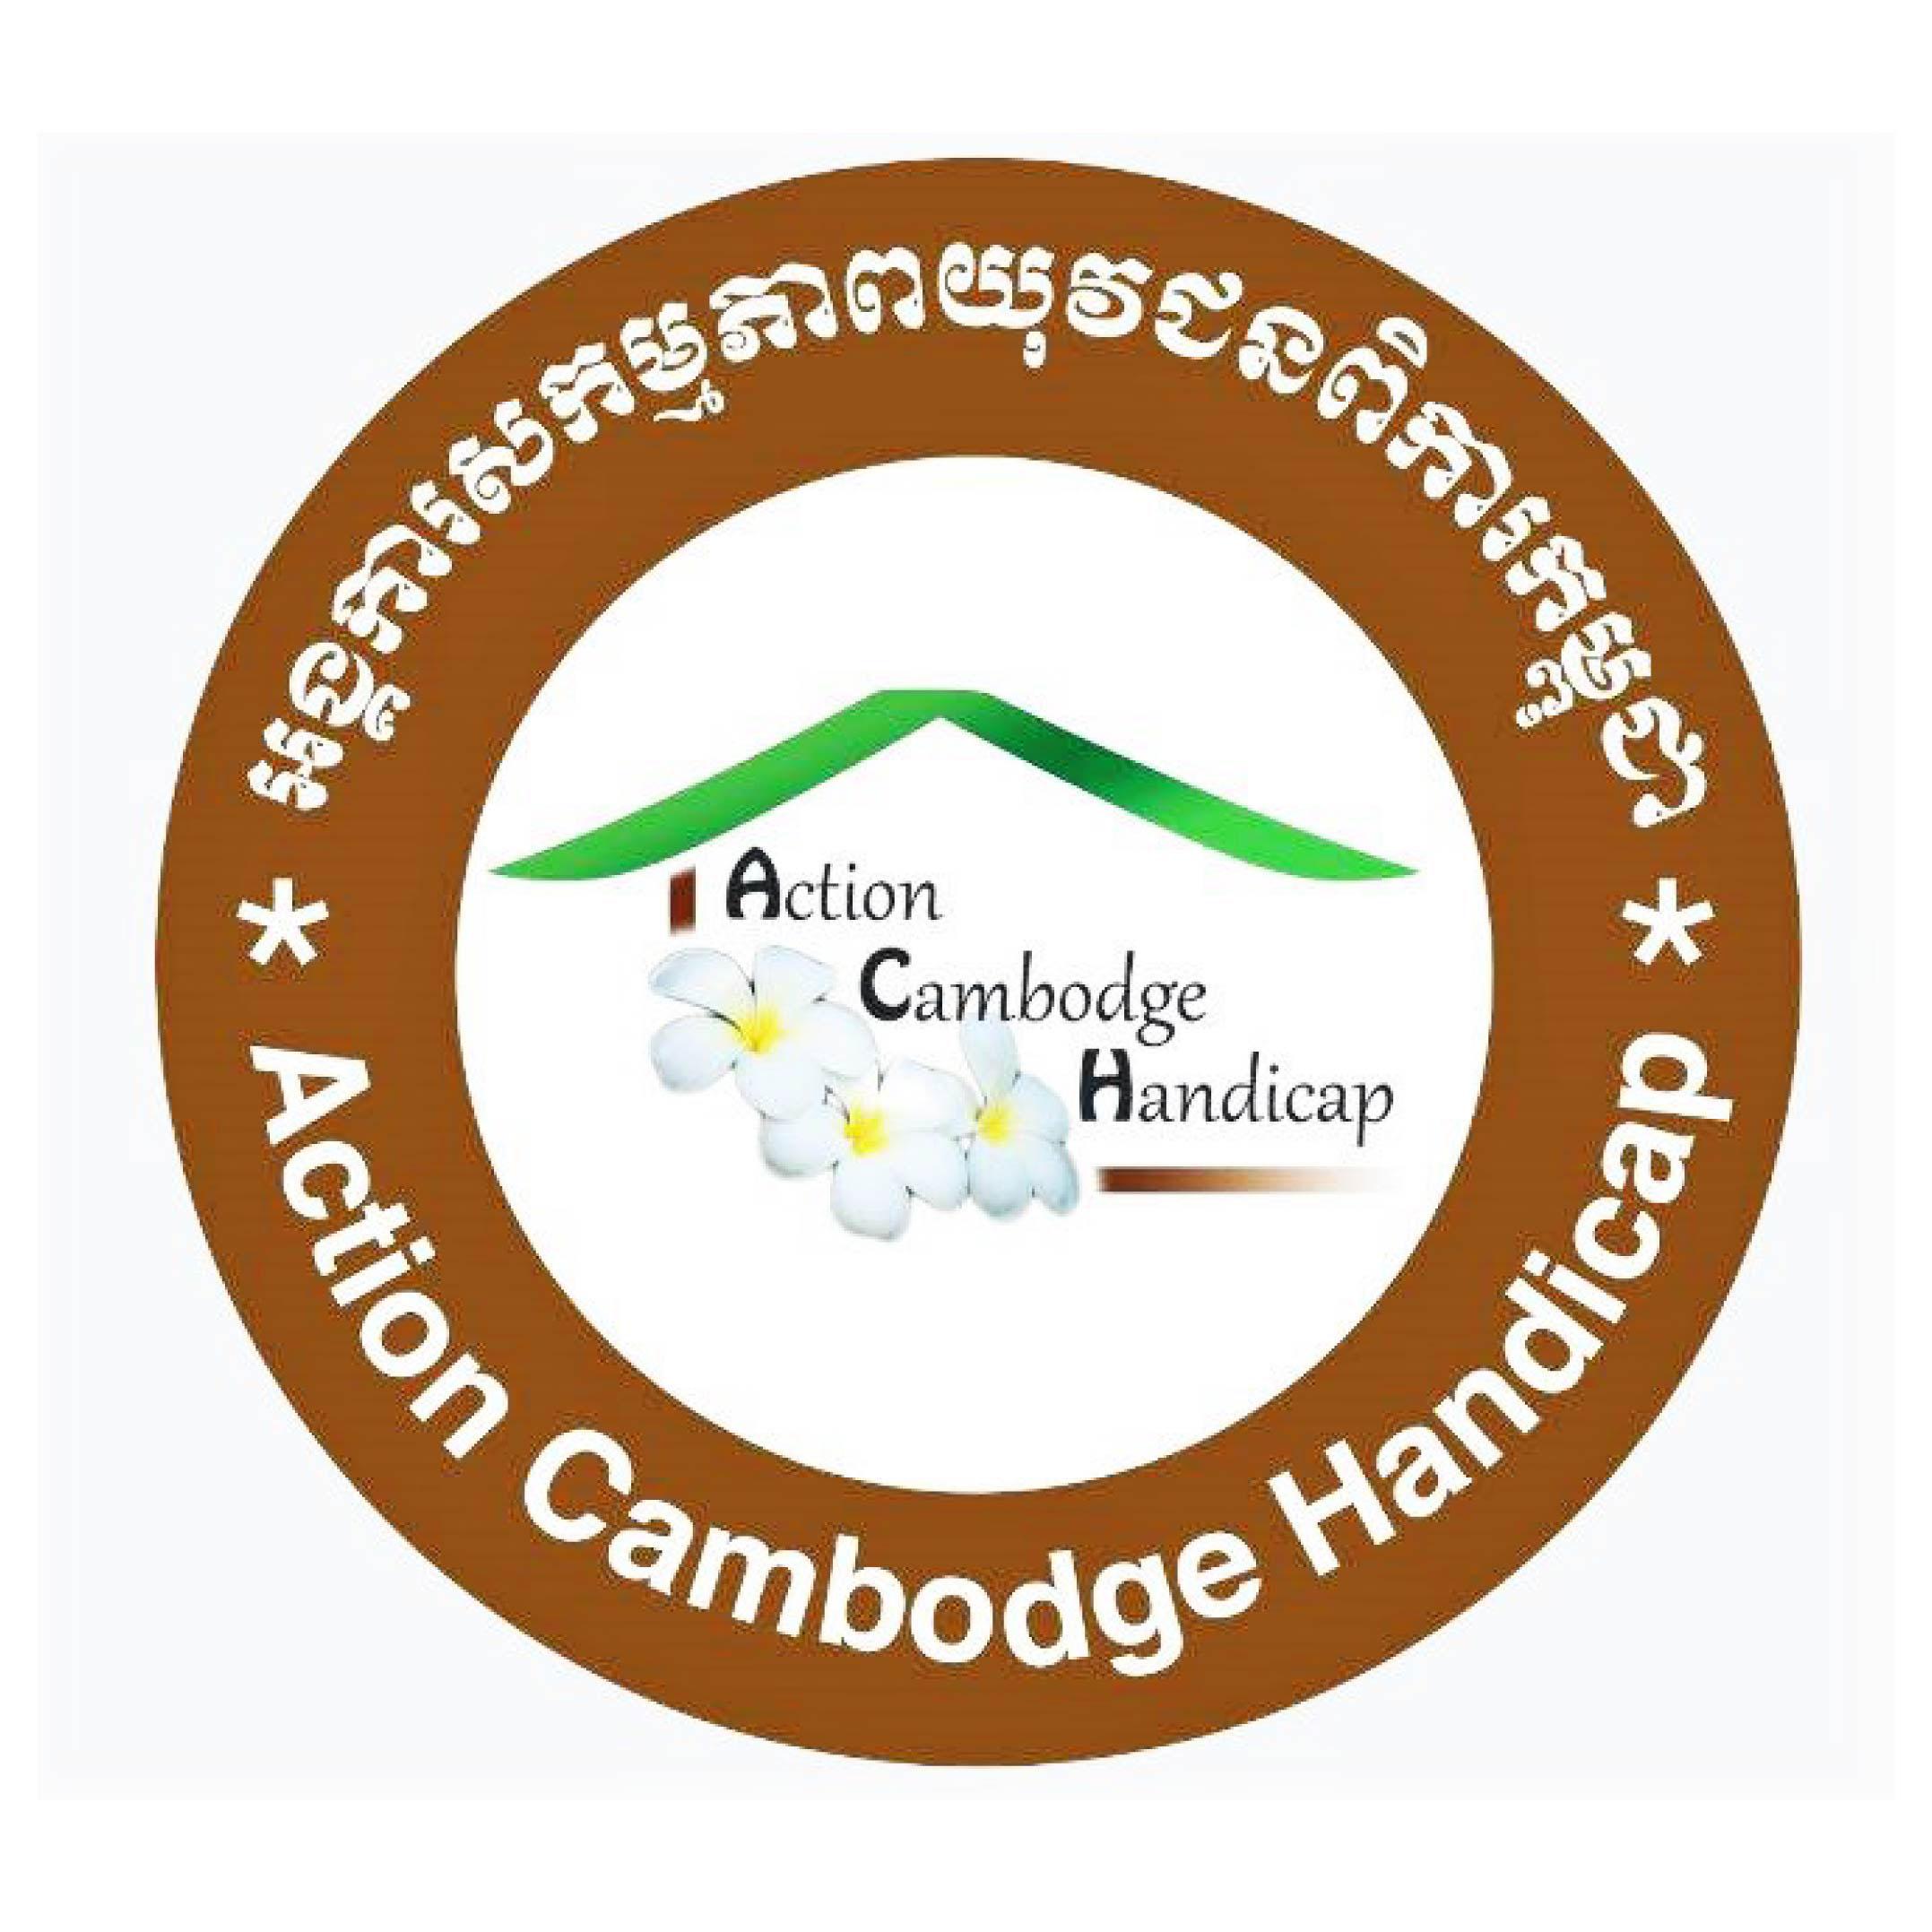 Action Cambodge Handicap